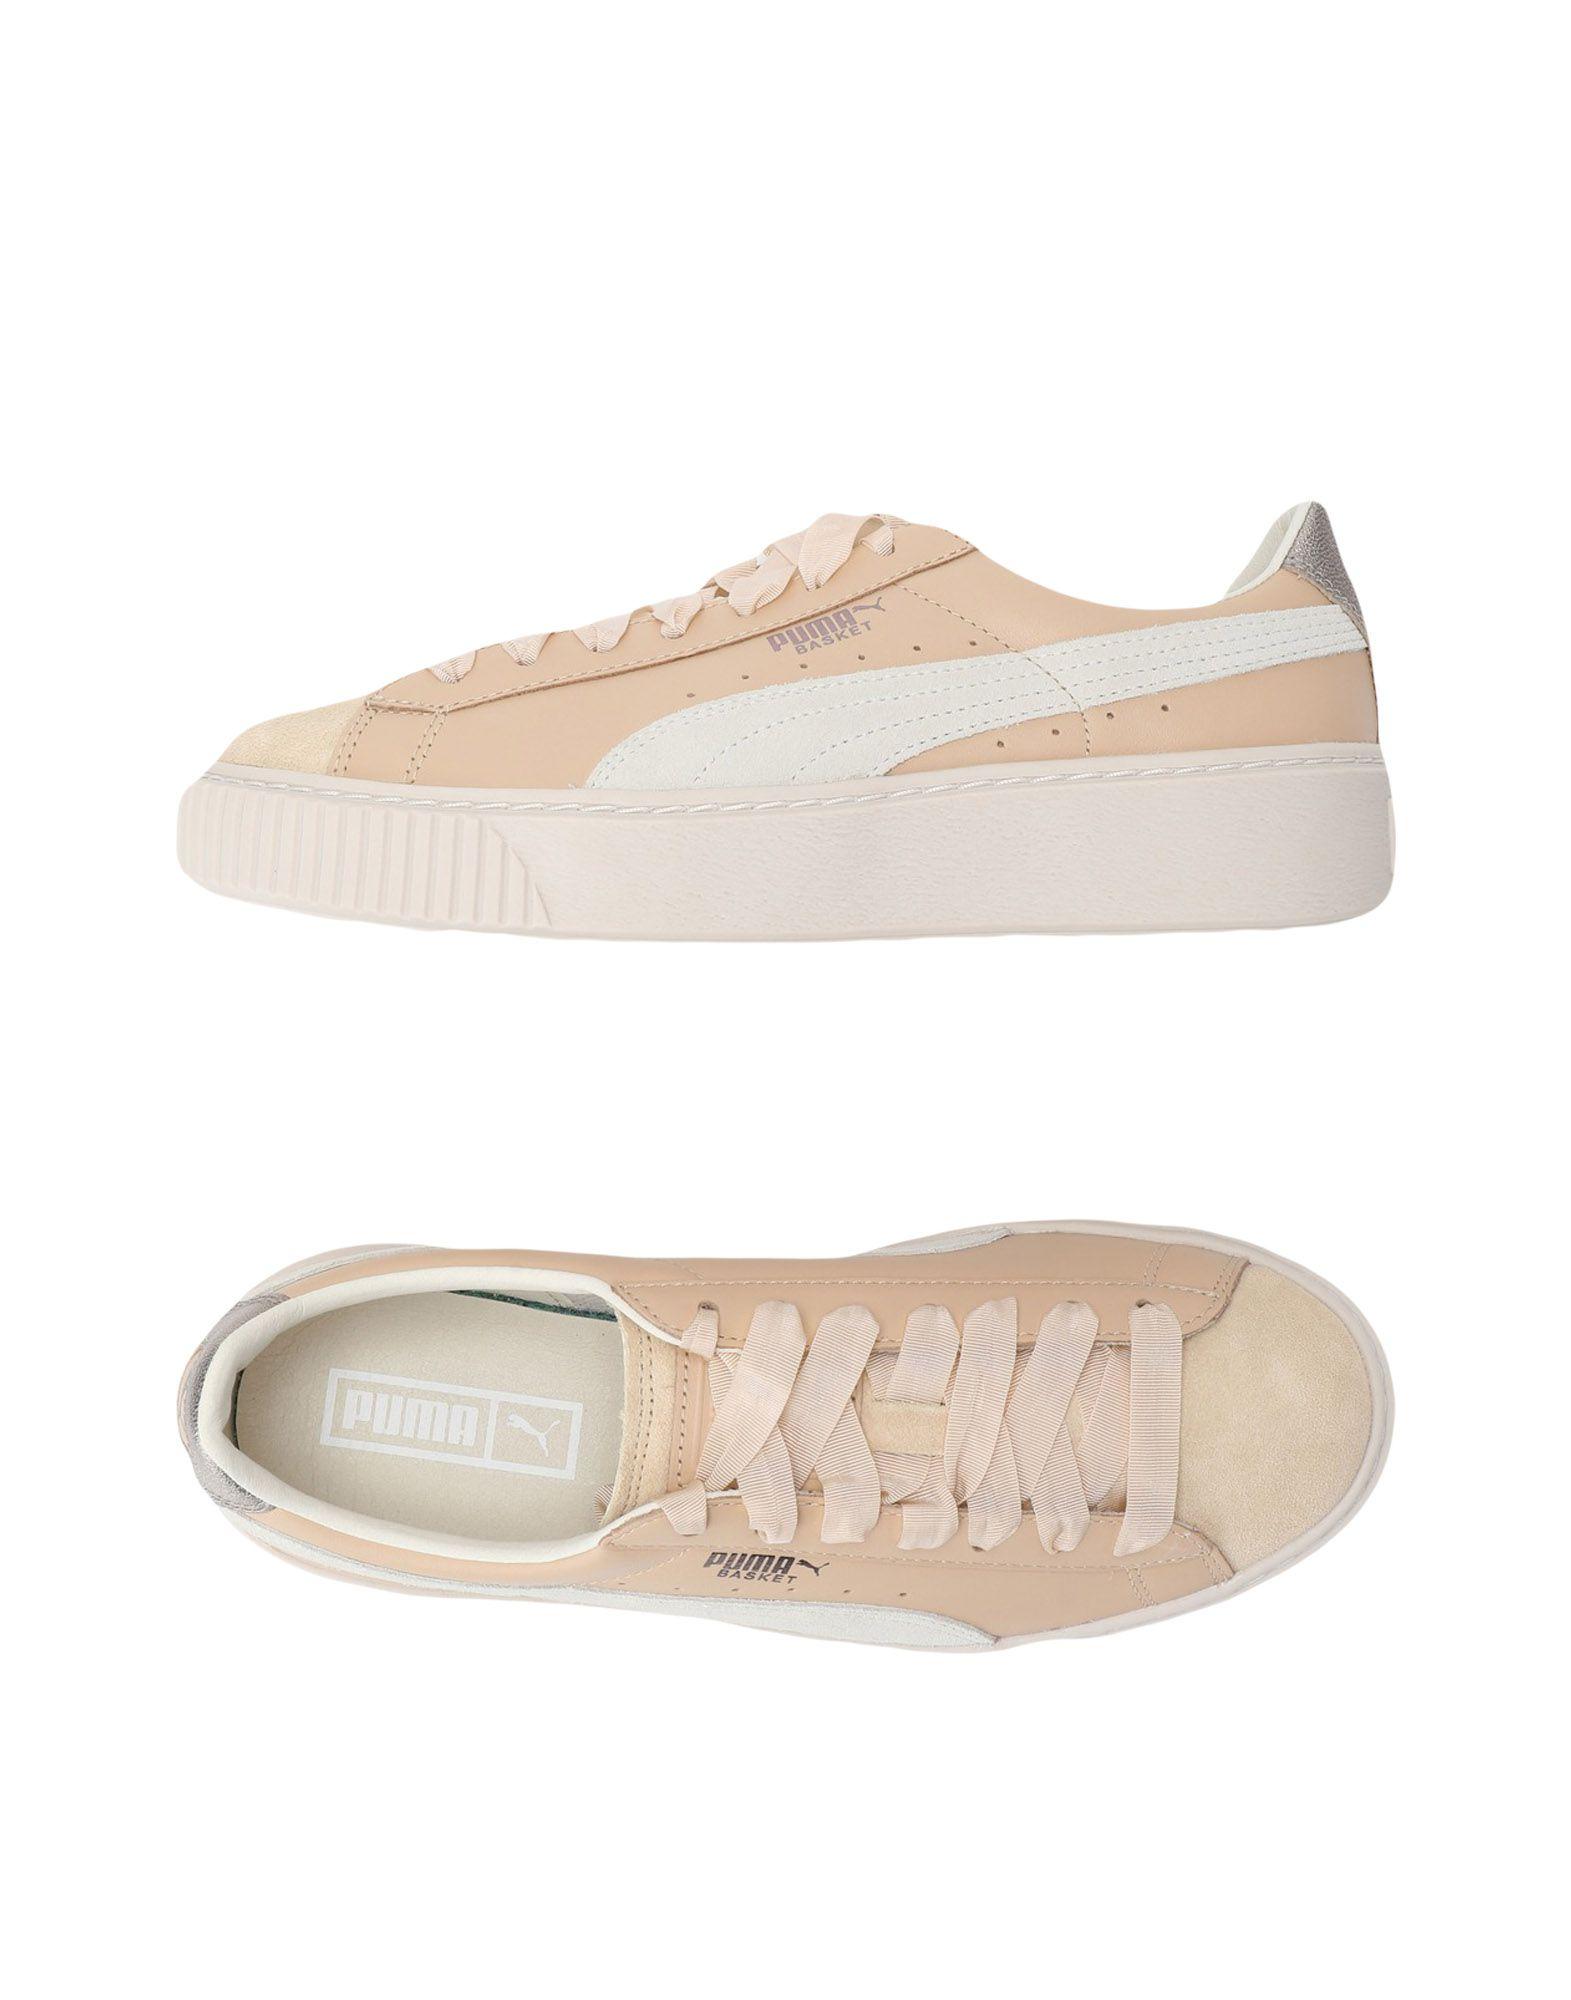 Puma Platform Prem Wn's  Schuhe 11359271OF Gute Qualität beliebte Schuhe  b9a7ac